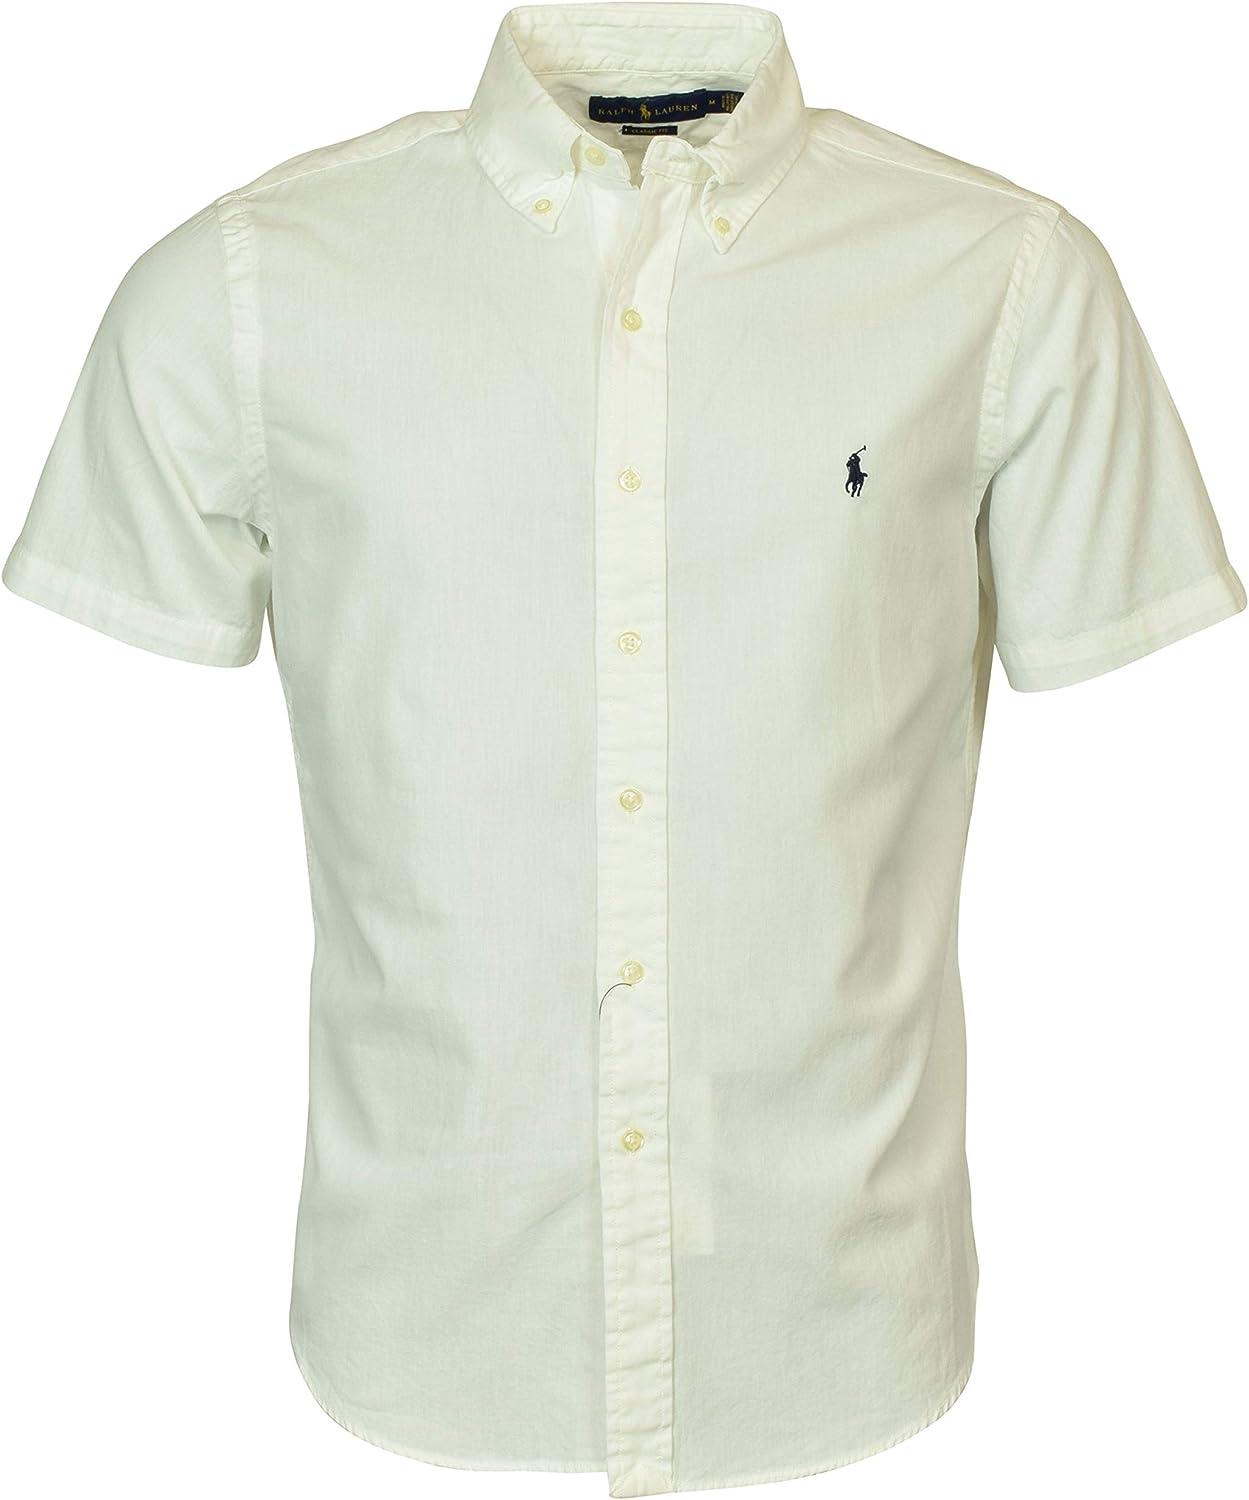 Polo Ralph Lauren Camisa con Cuello en V para Hombre: Amazon.es ...